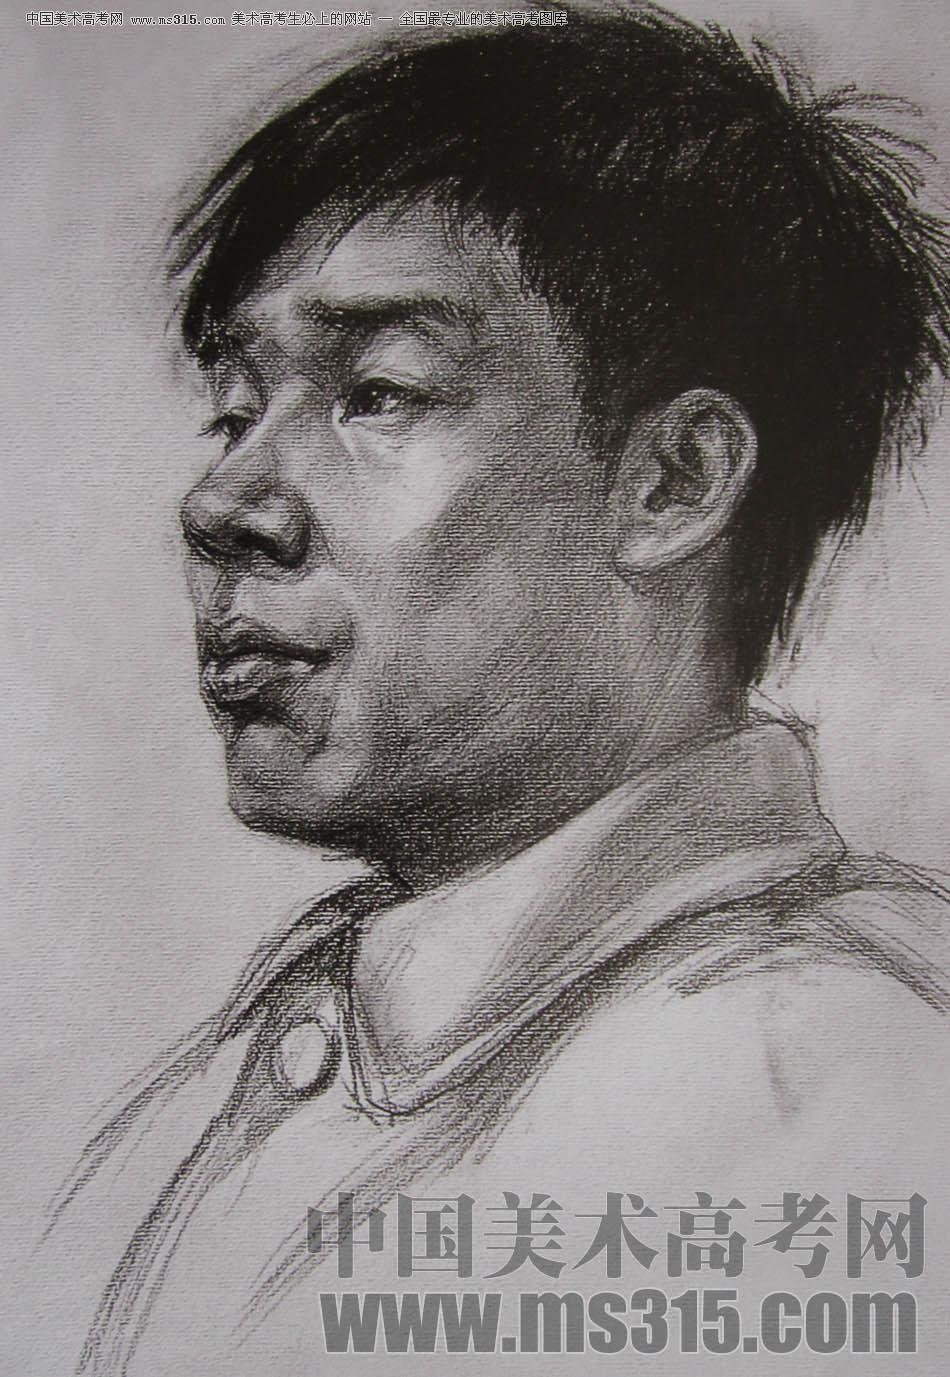 2010-2011年天津美�g�W院素描��秀�卷15(�L��、雕塑)